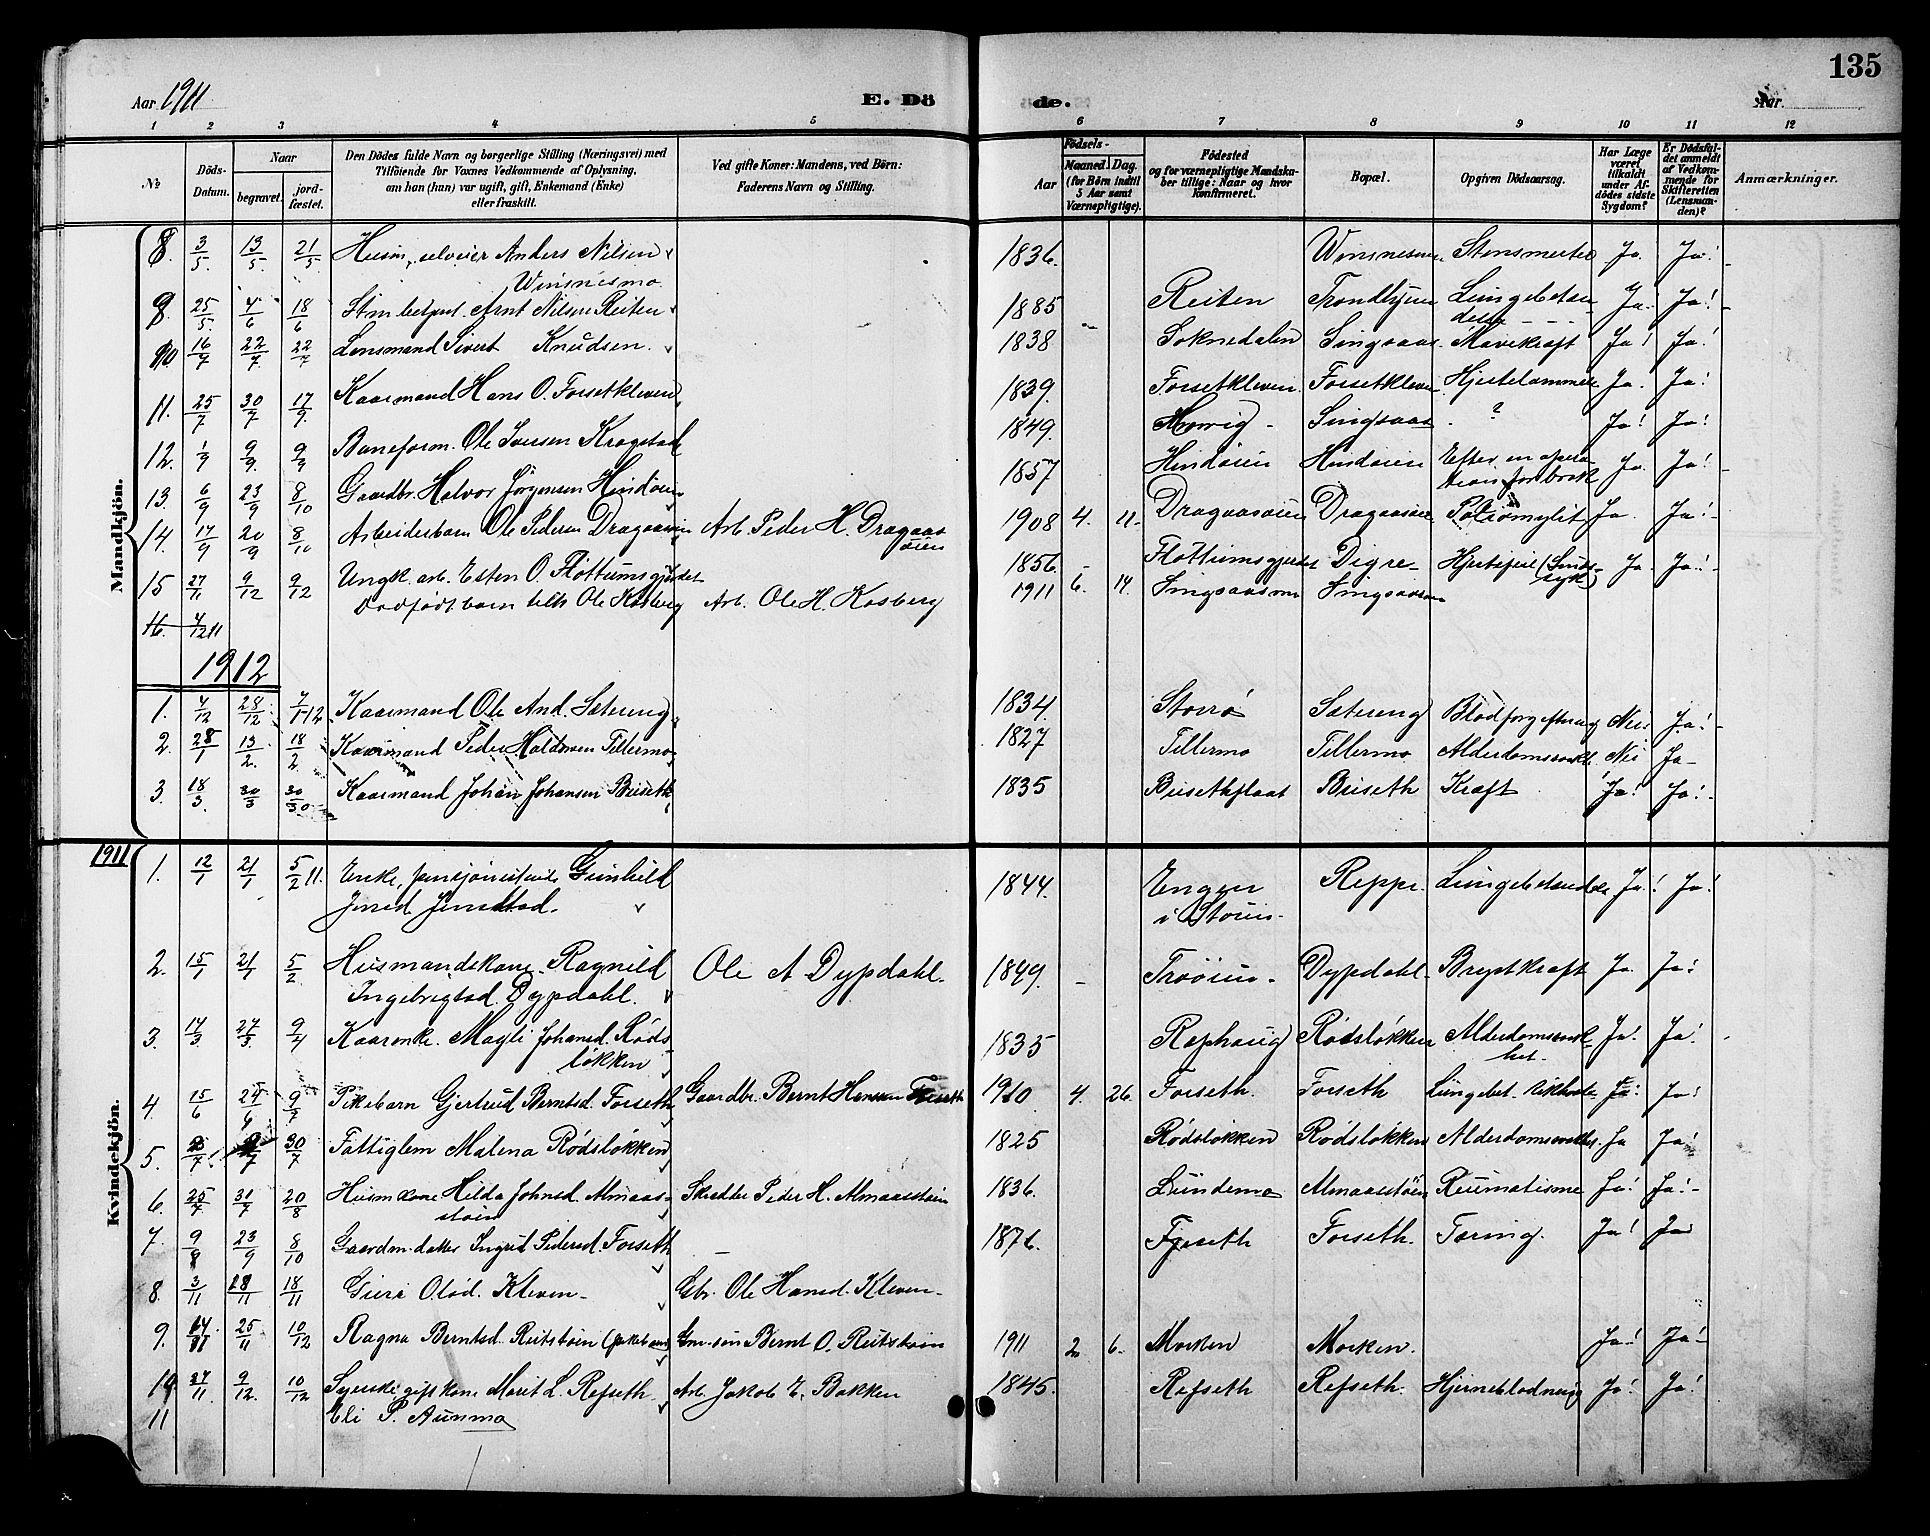 SAT, Ministerialprotokoller, klokkerbøker og fødselsregistre - Sør-Trøndelag, 688/L1029: Klokkerbok nr. 688C04, 1899-1915, s. 135